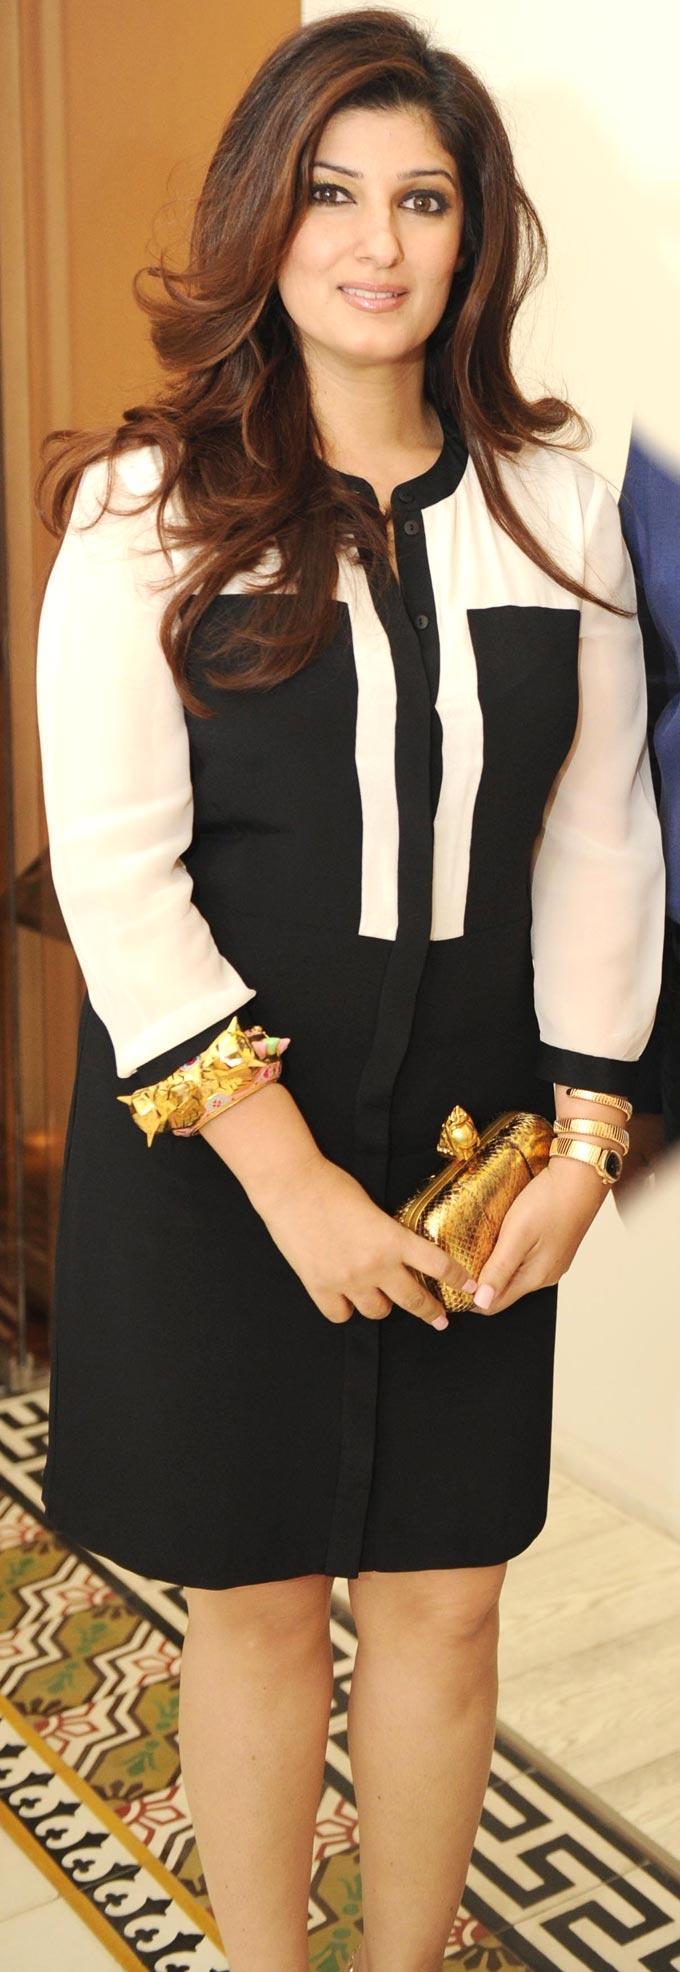 Twinkle Khanna #Bollywood #Fashion